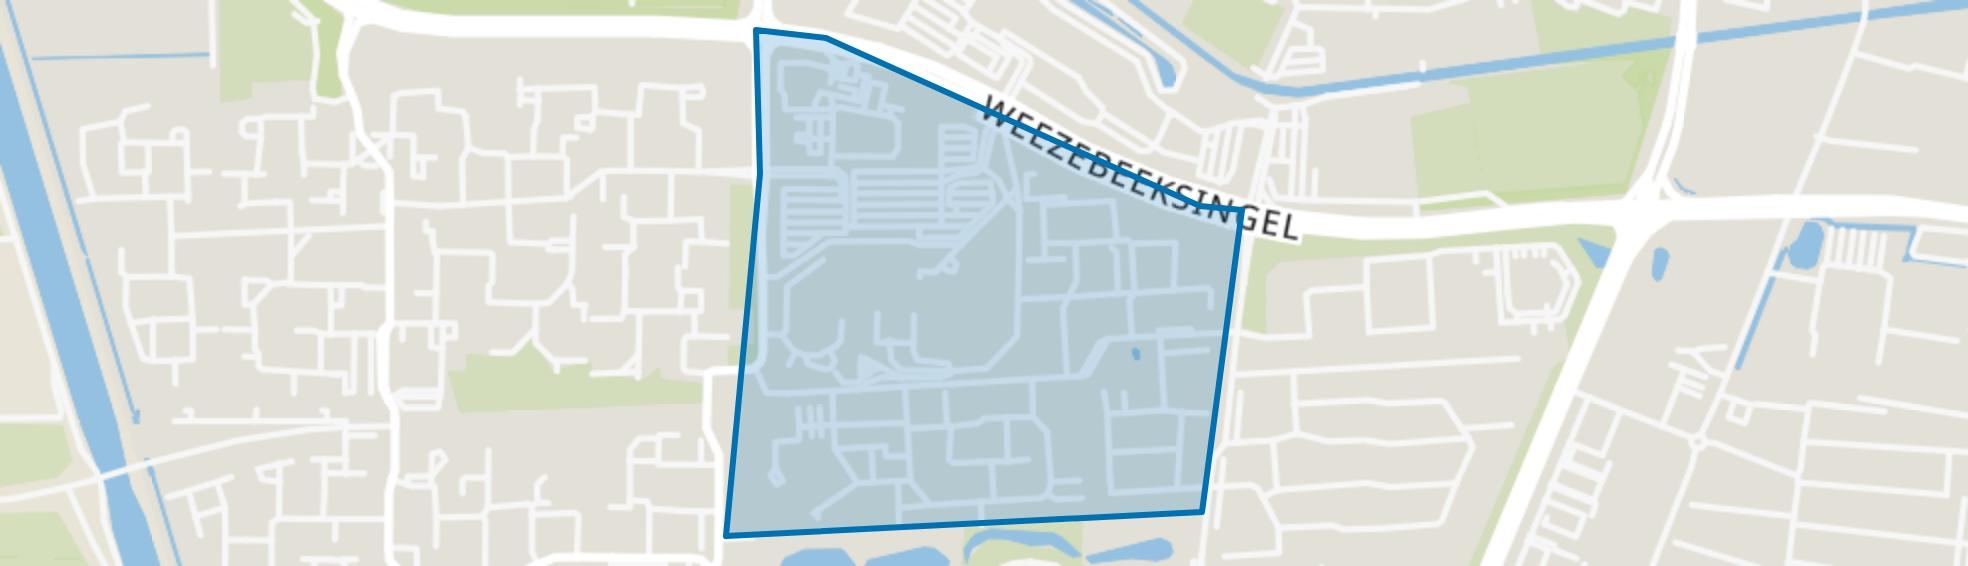 Leemslagen-Oost, Almelo map